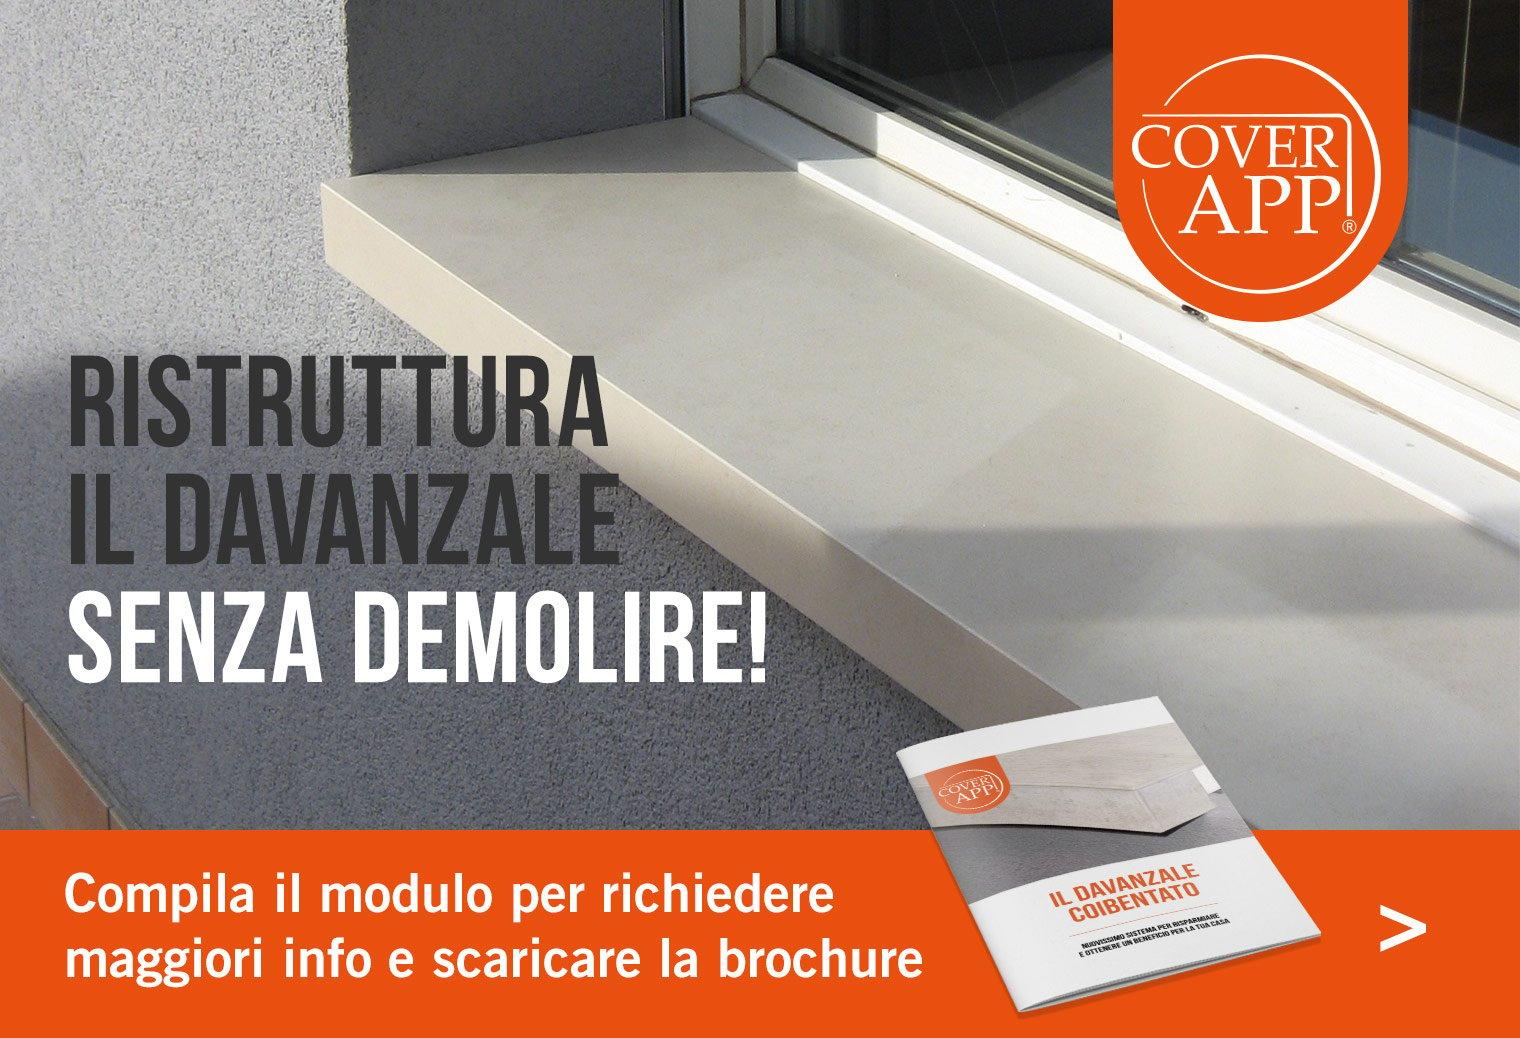 Davanzale Interno Della Finestra davanzale coibentato: zero ponti termici con cover app